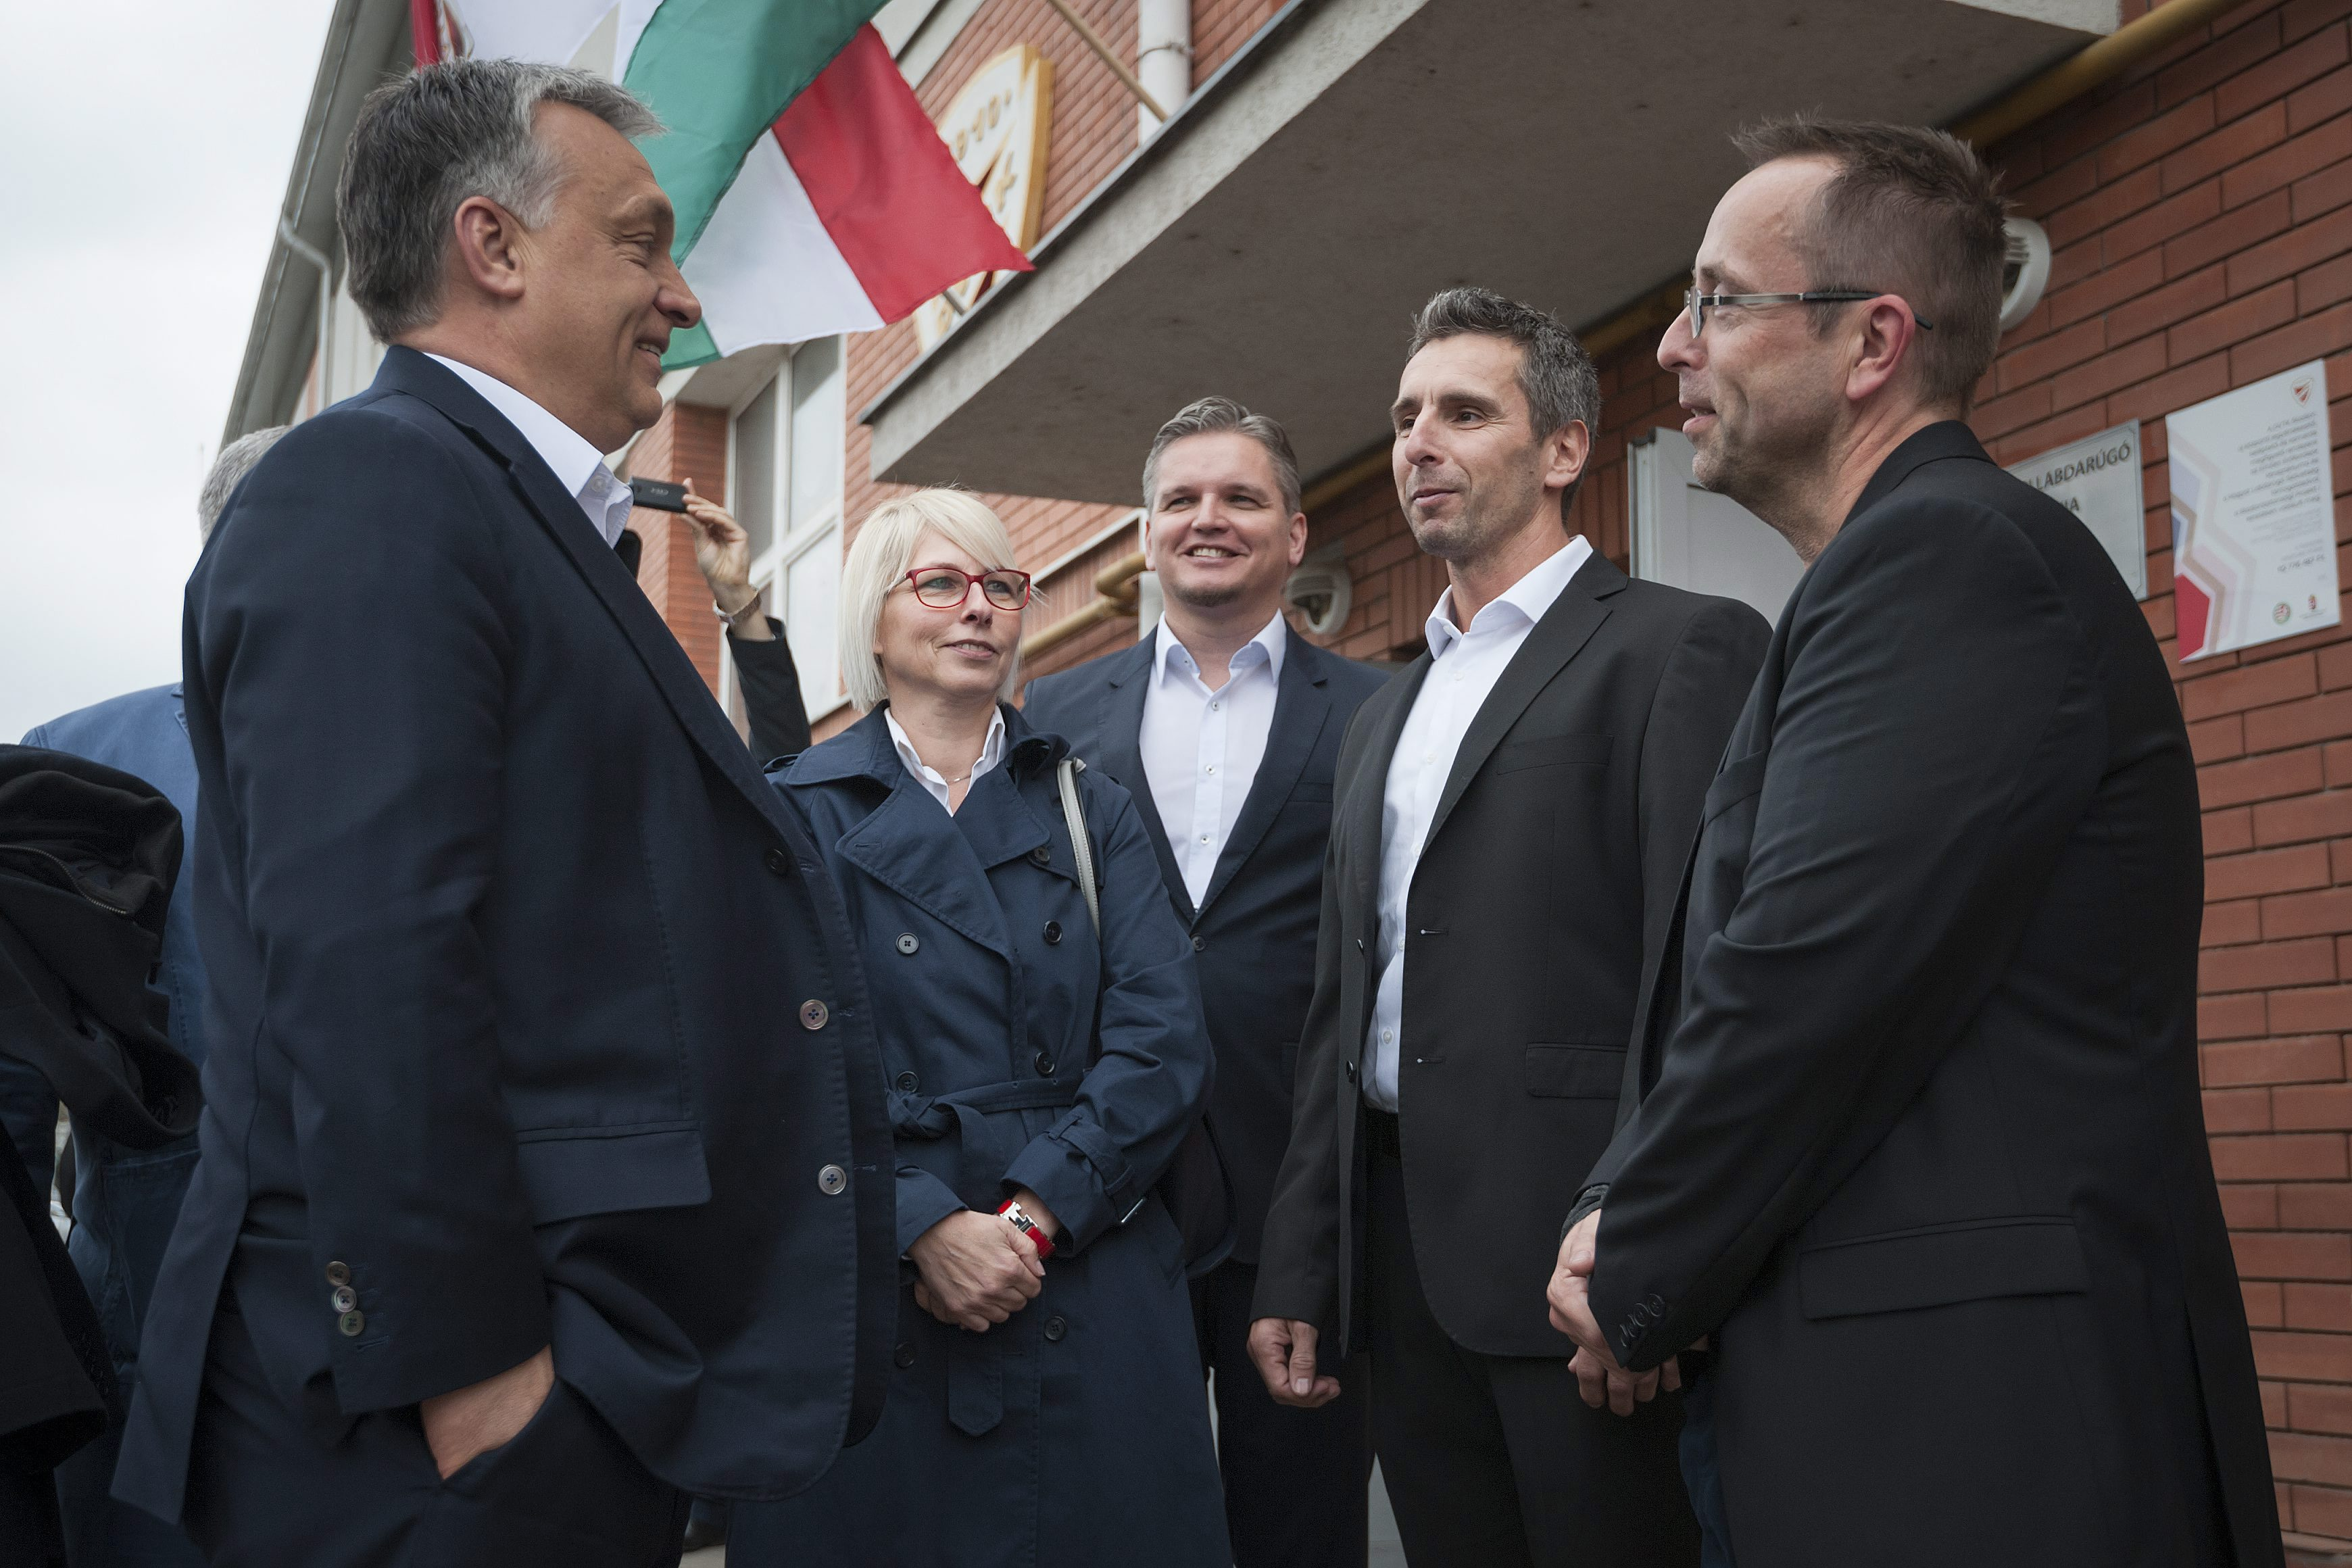 NERB1: Leisztinger eladhatja a Diósgyőrt, Mészáros Lőrinc cége lehet az egyik új tulajdonos